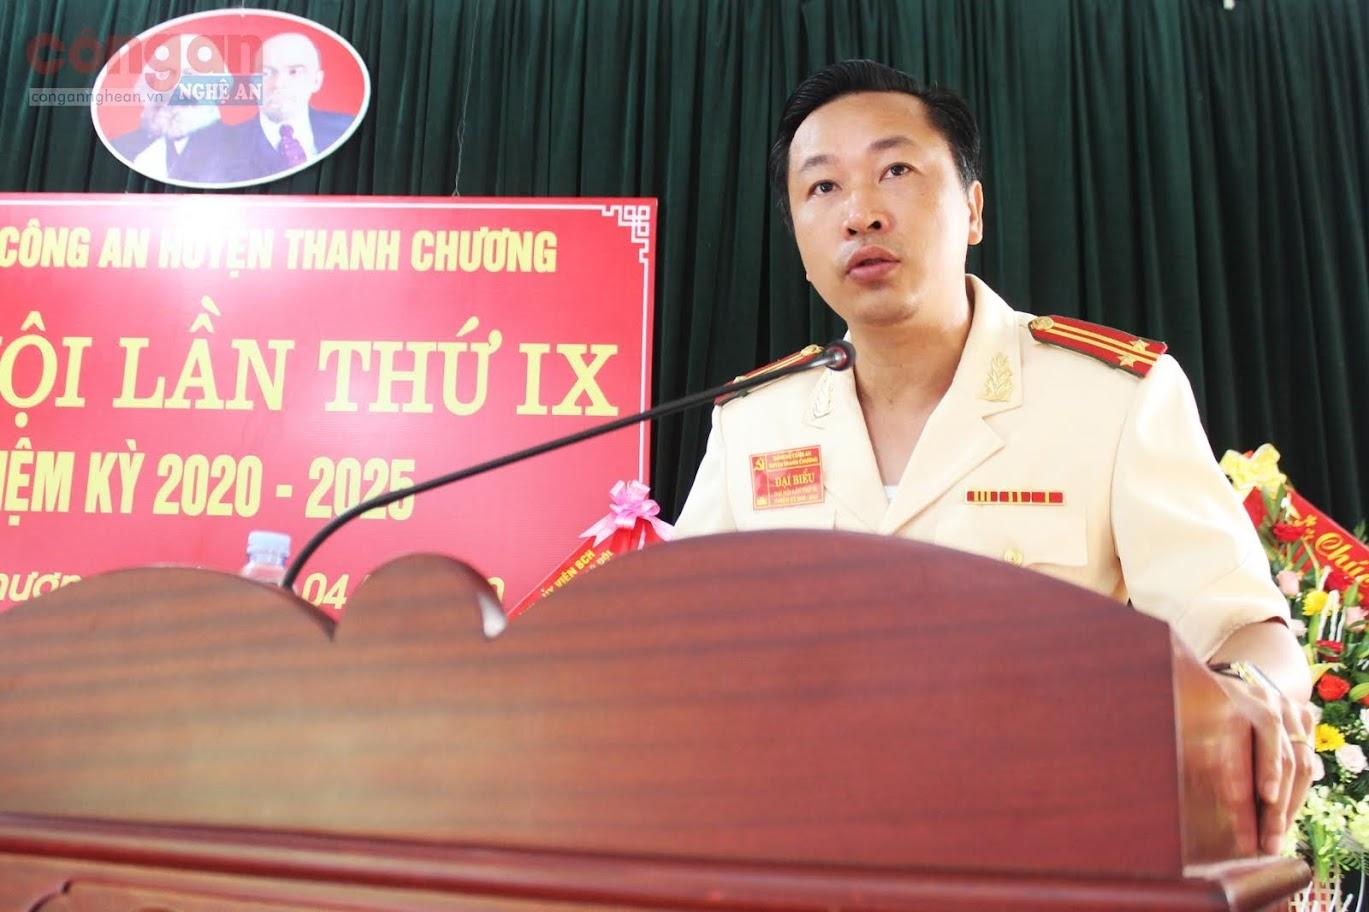 Trung tá Phan Tuấn Anh, Bí thư Đảng uỷ, Trưởng Công an huyện Thanh Chương phát biểu khai mạc Đại hội